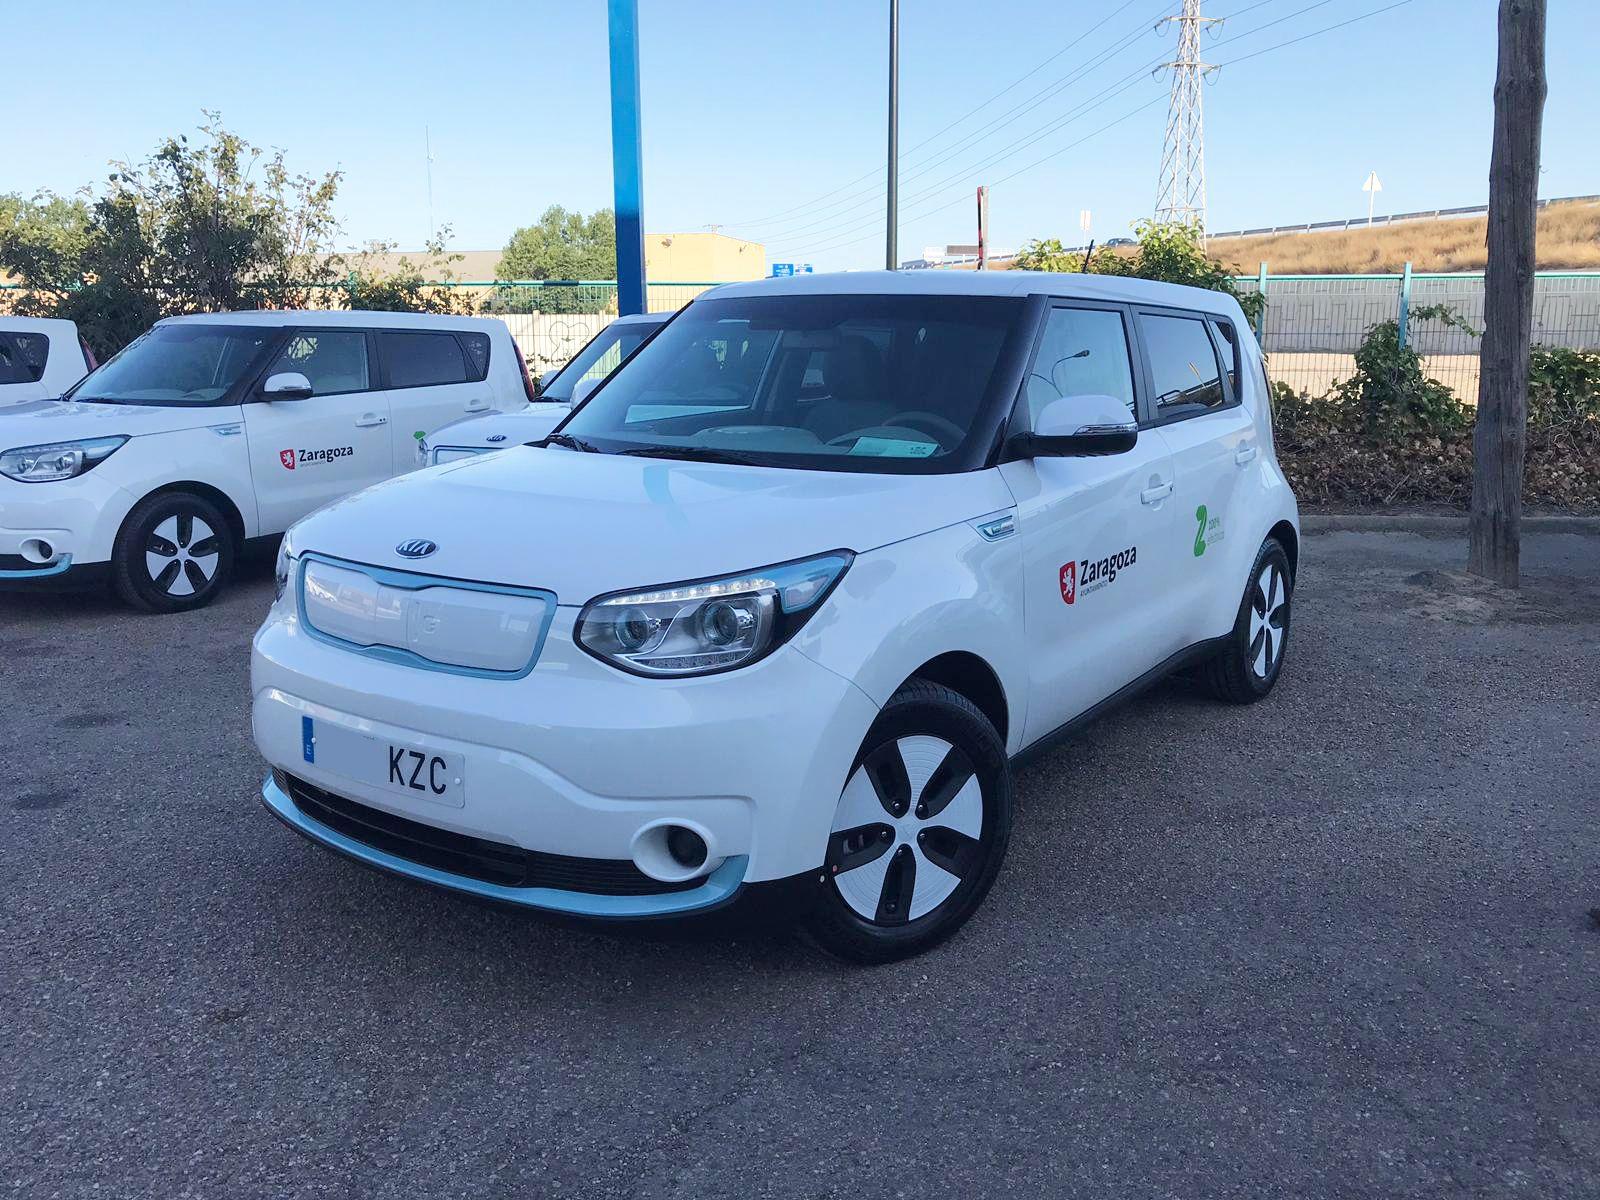 Kia Autosalduba entrega al Ayuntamiento de Zaragoza 11 vehículos eléctricos